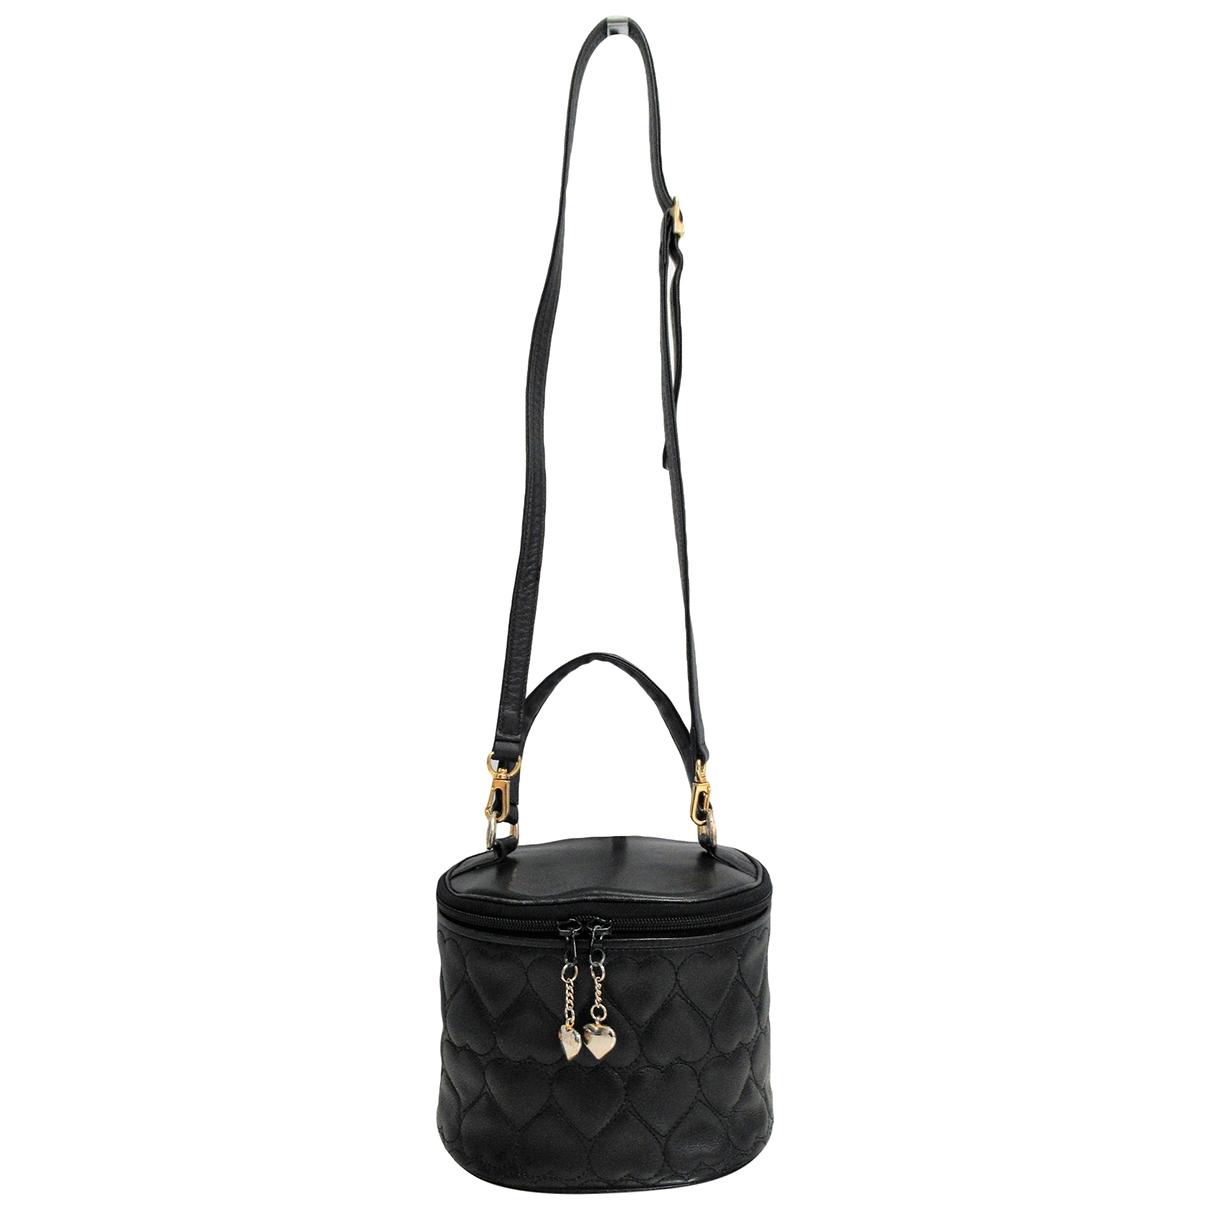 Moschino - Sac a main   pour femme en cuir - noir